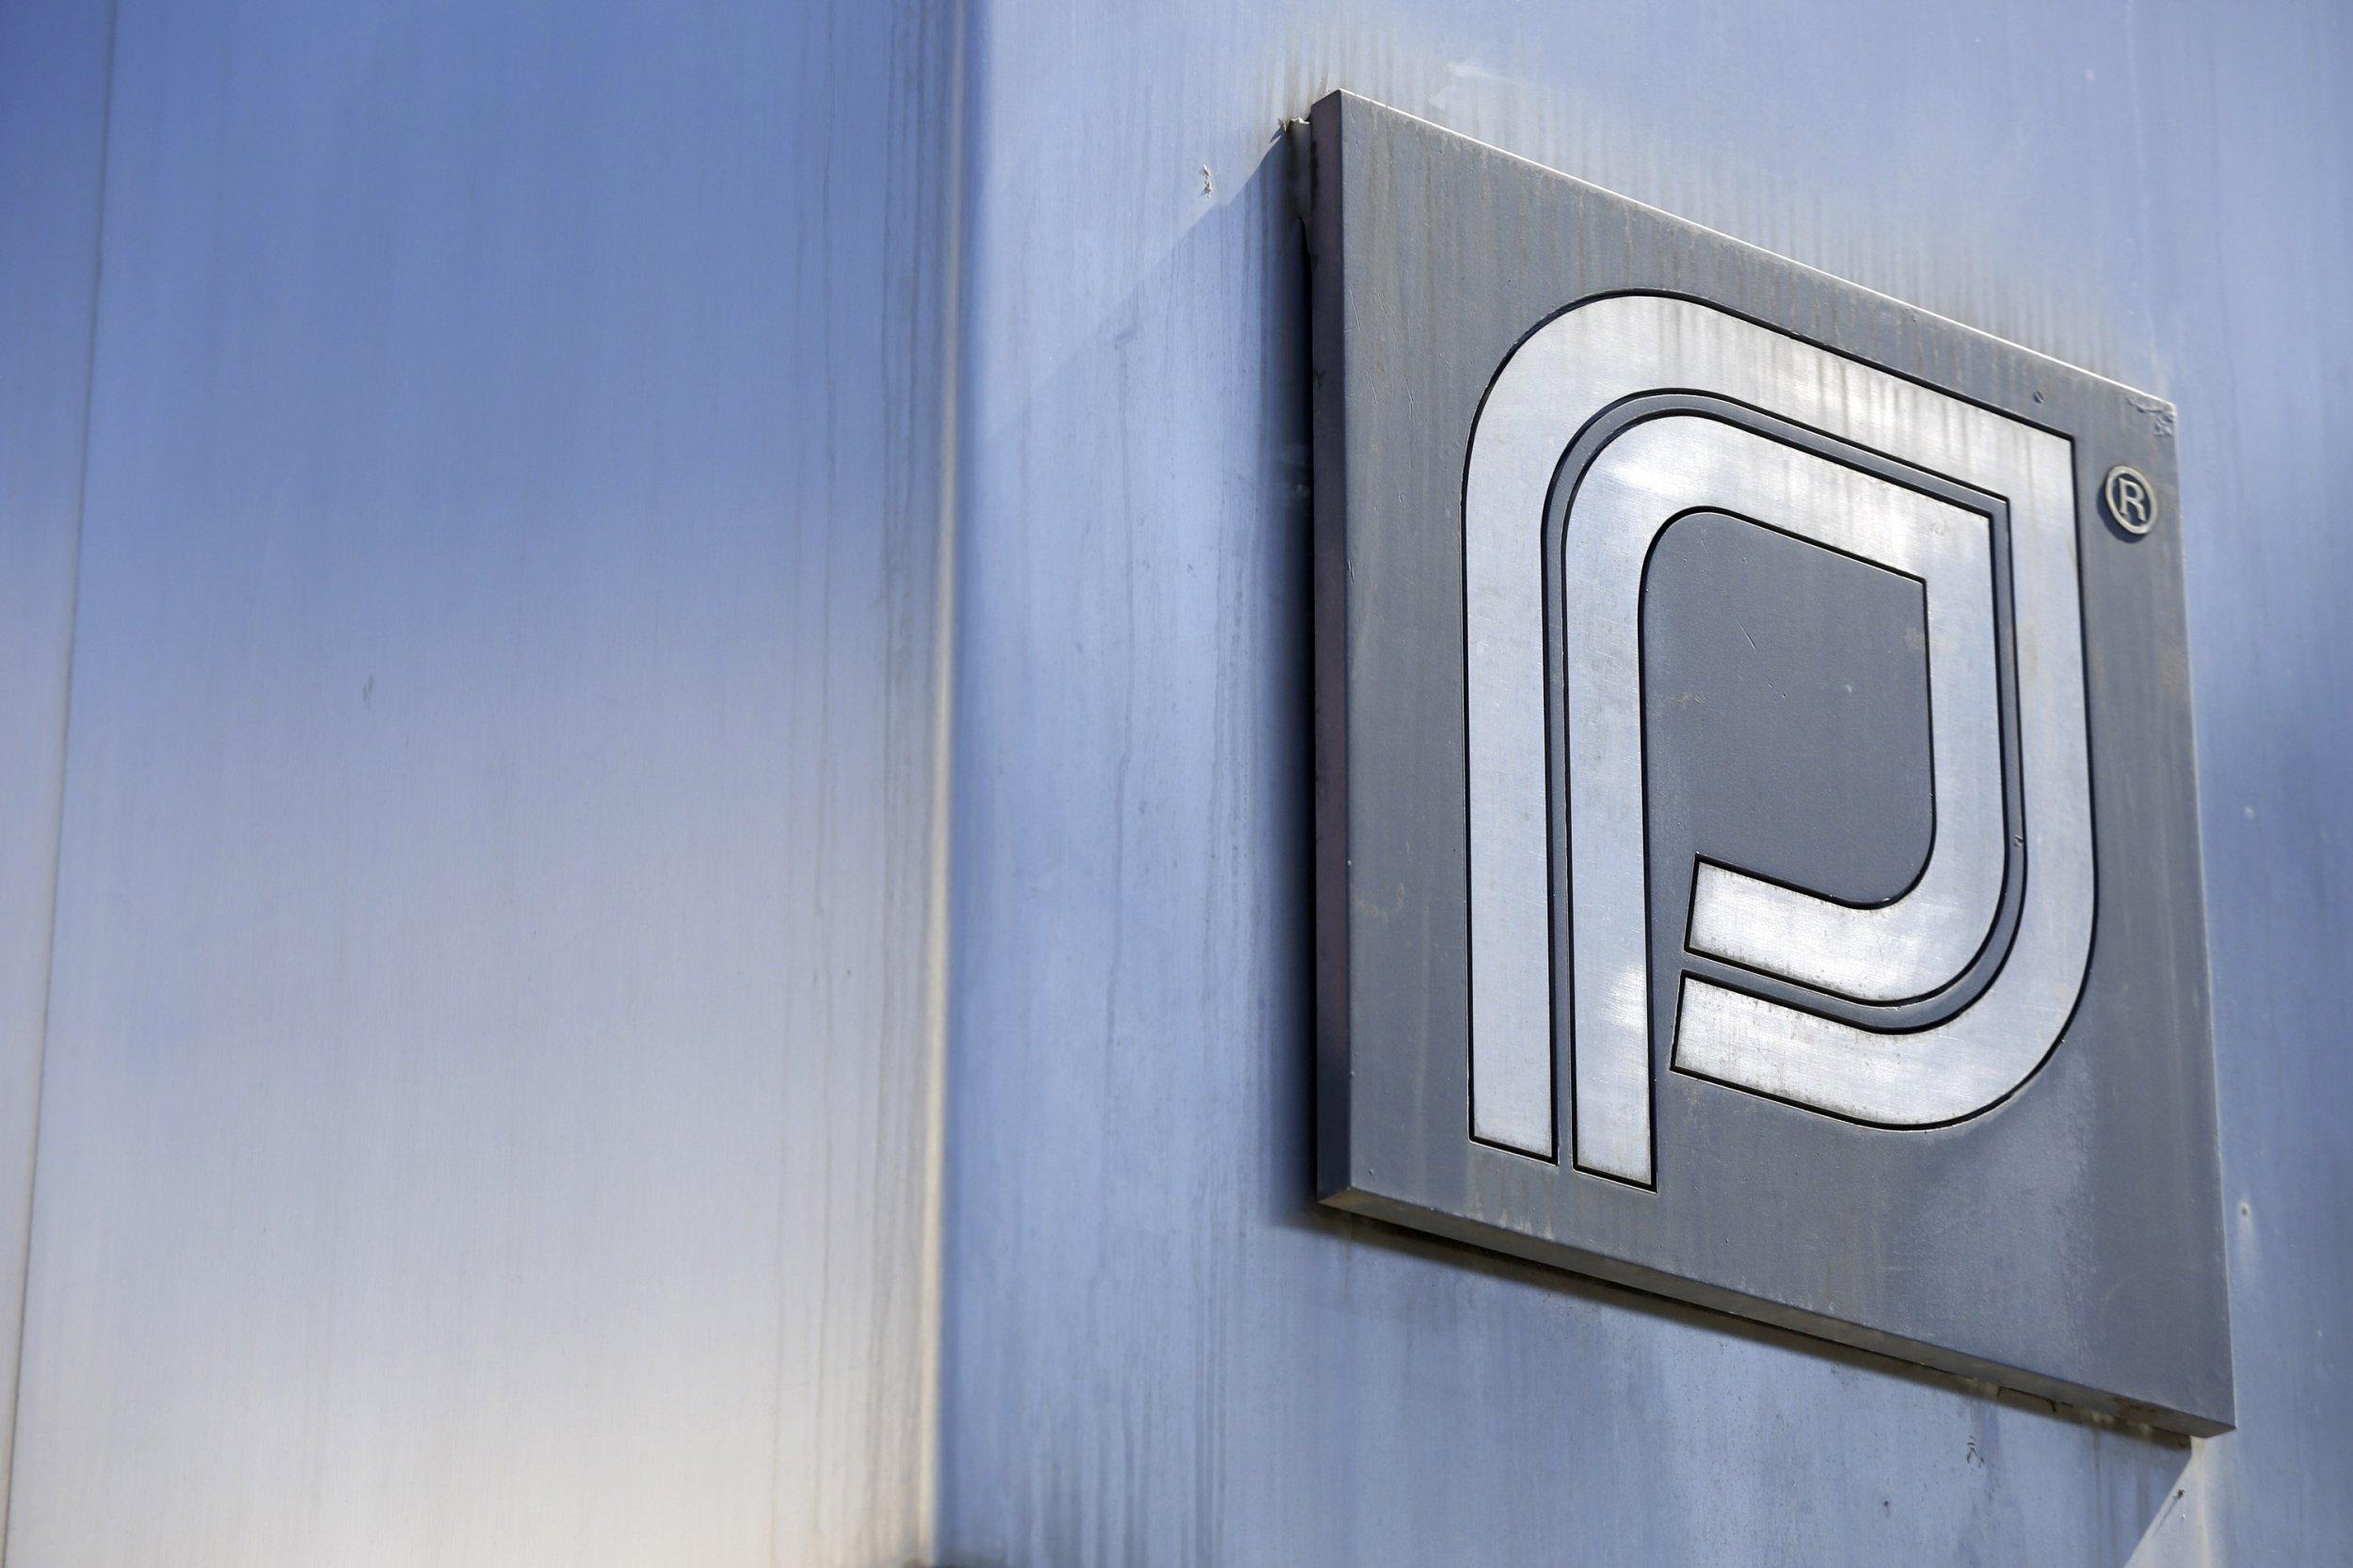 Planned Parenthod